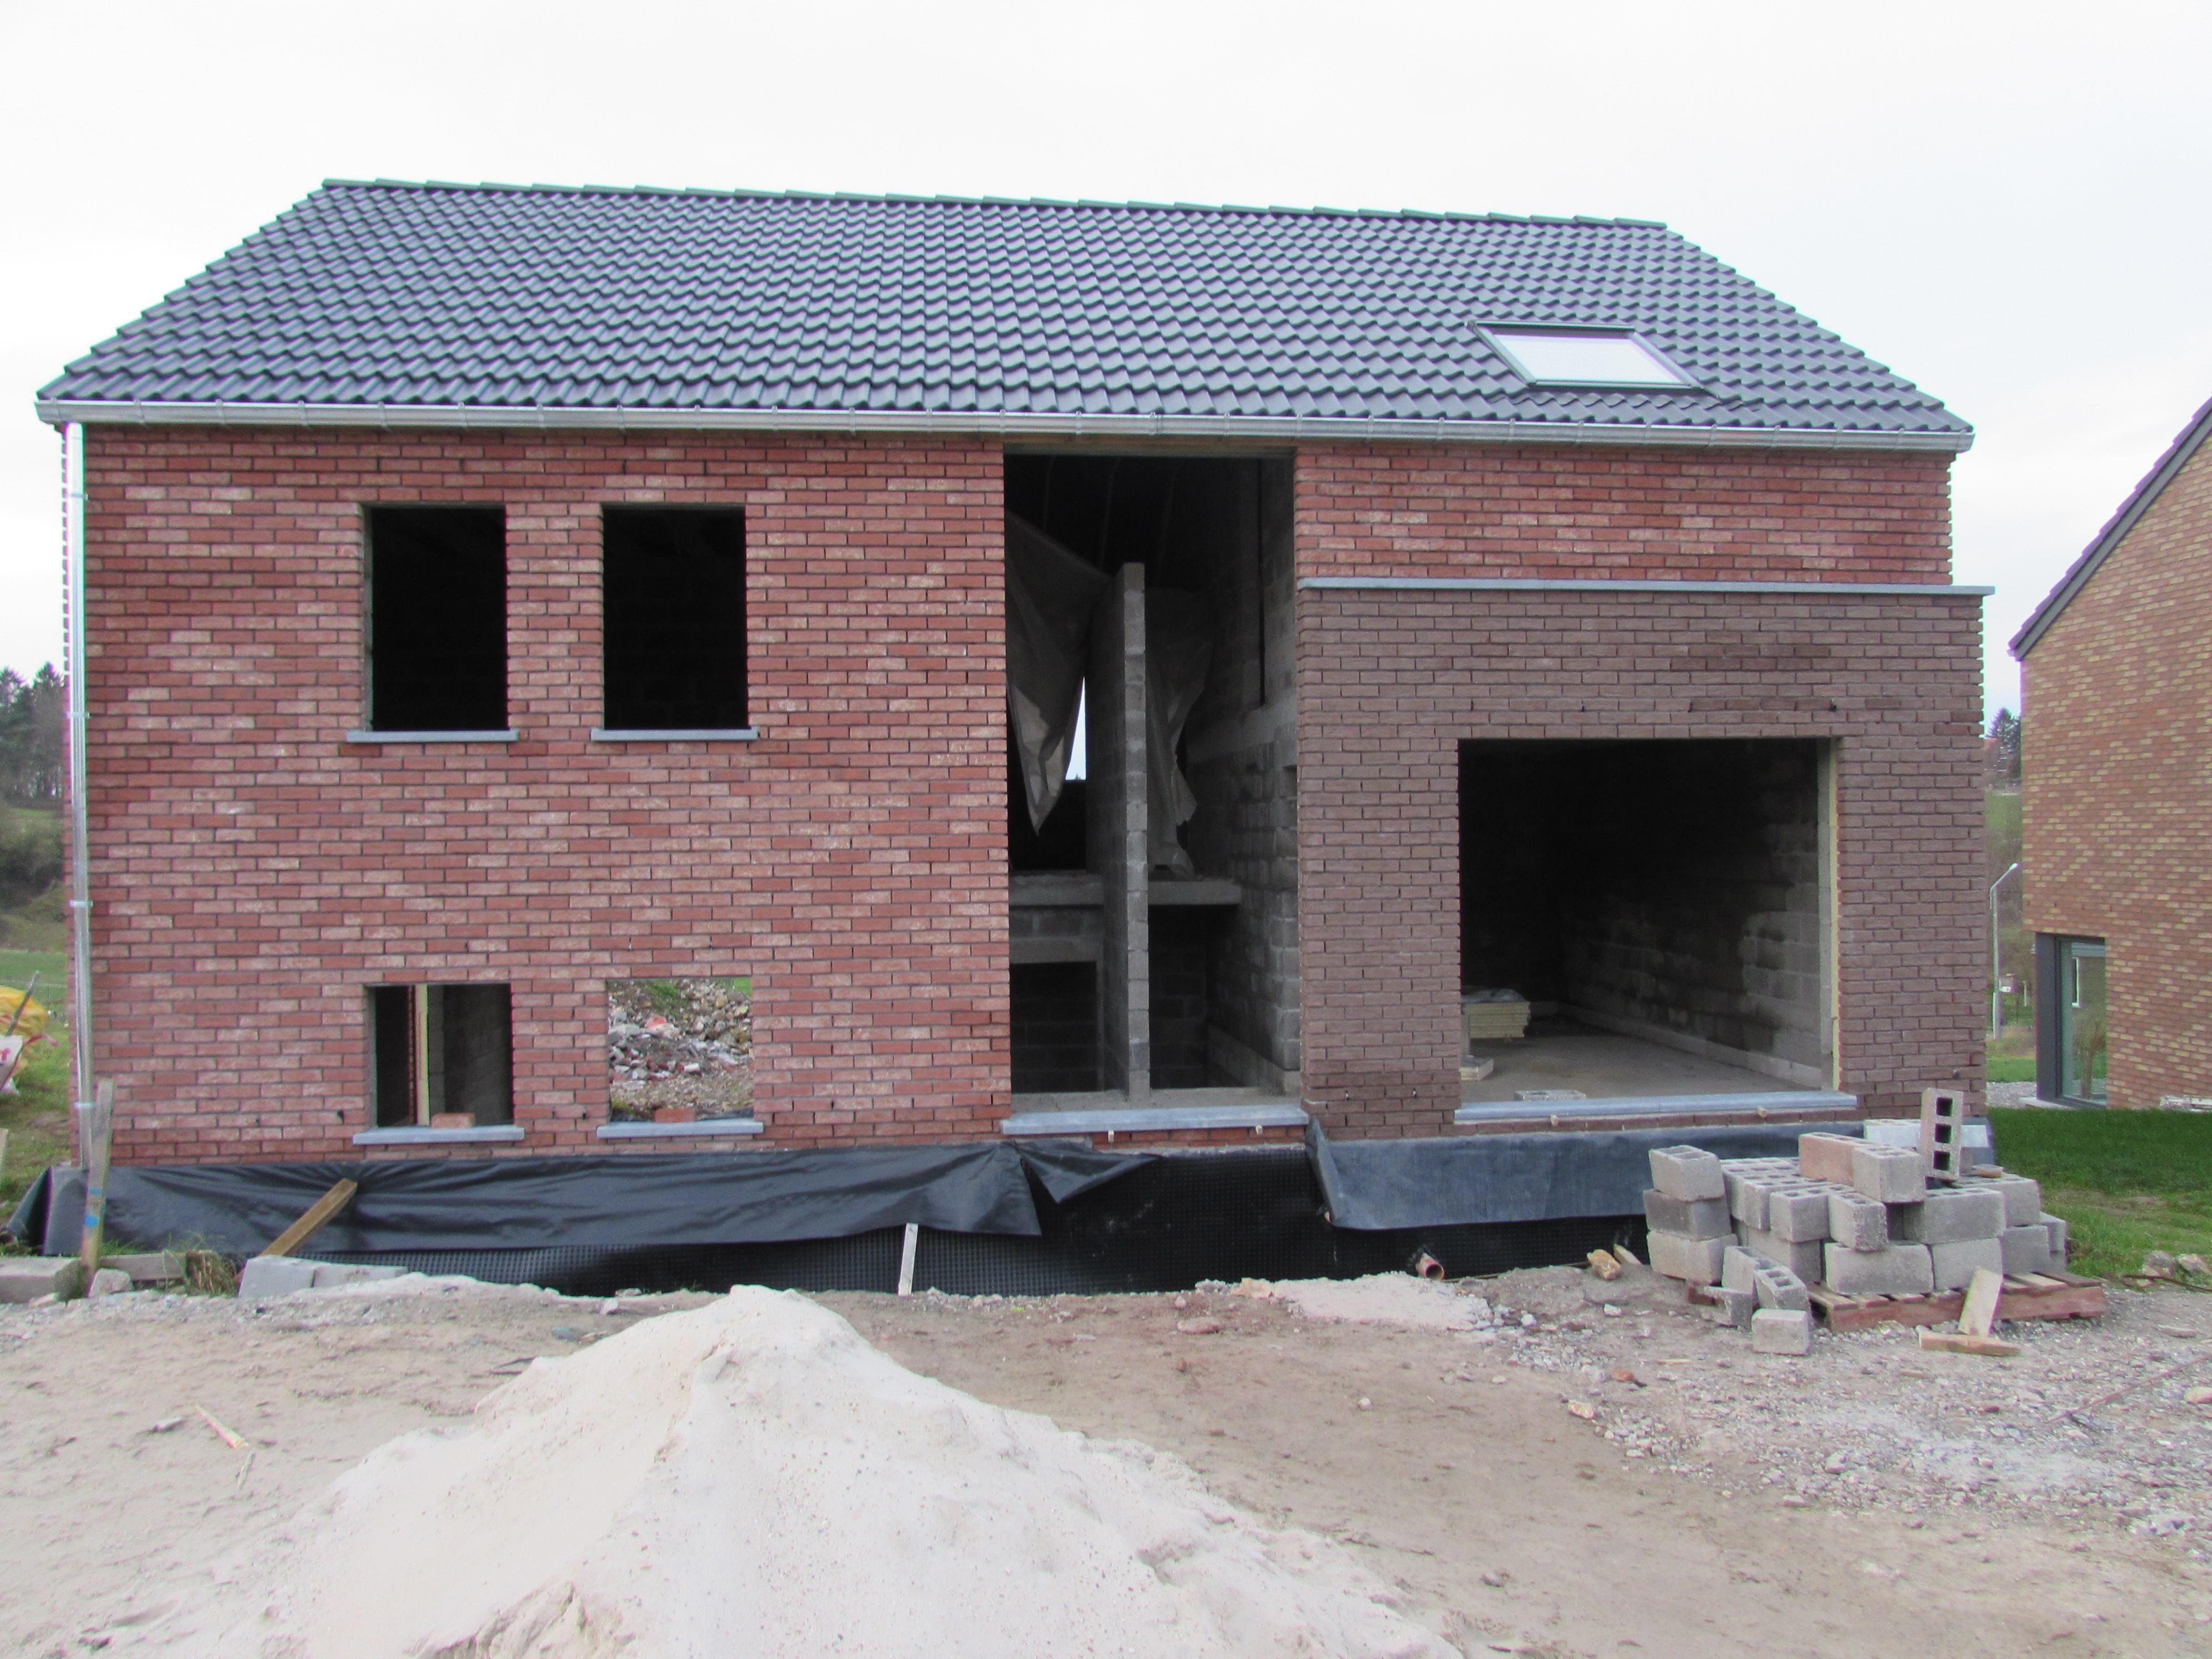 nouvelles photos des constructions de saint aubin conseil b le financement participatif en. Black Bedroom Furniture Sets. Home Design Ideas